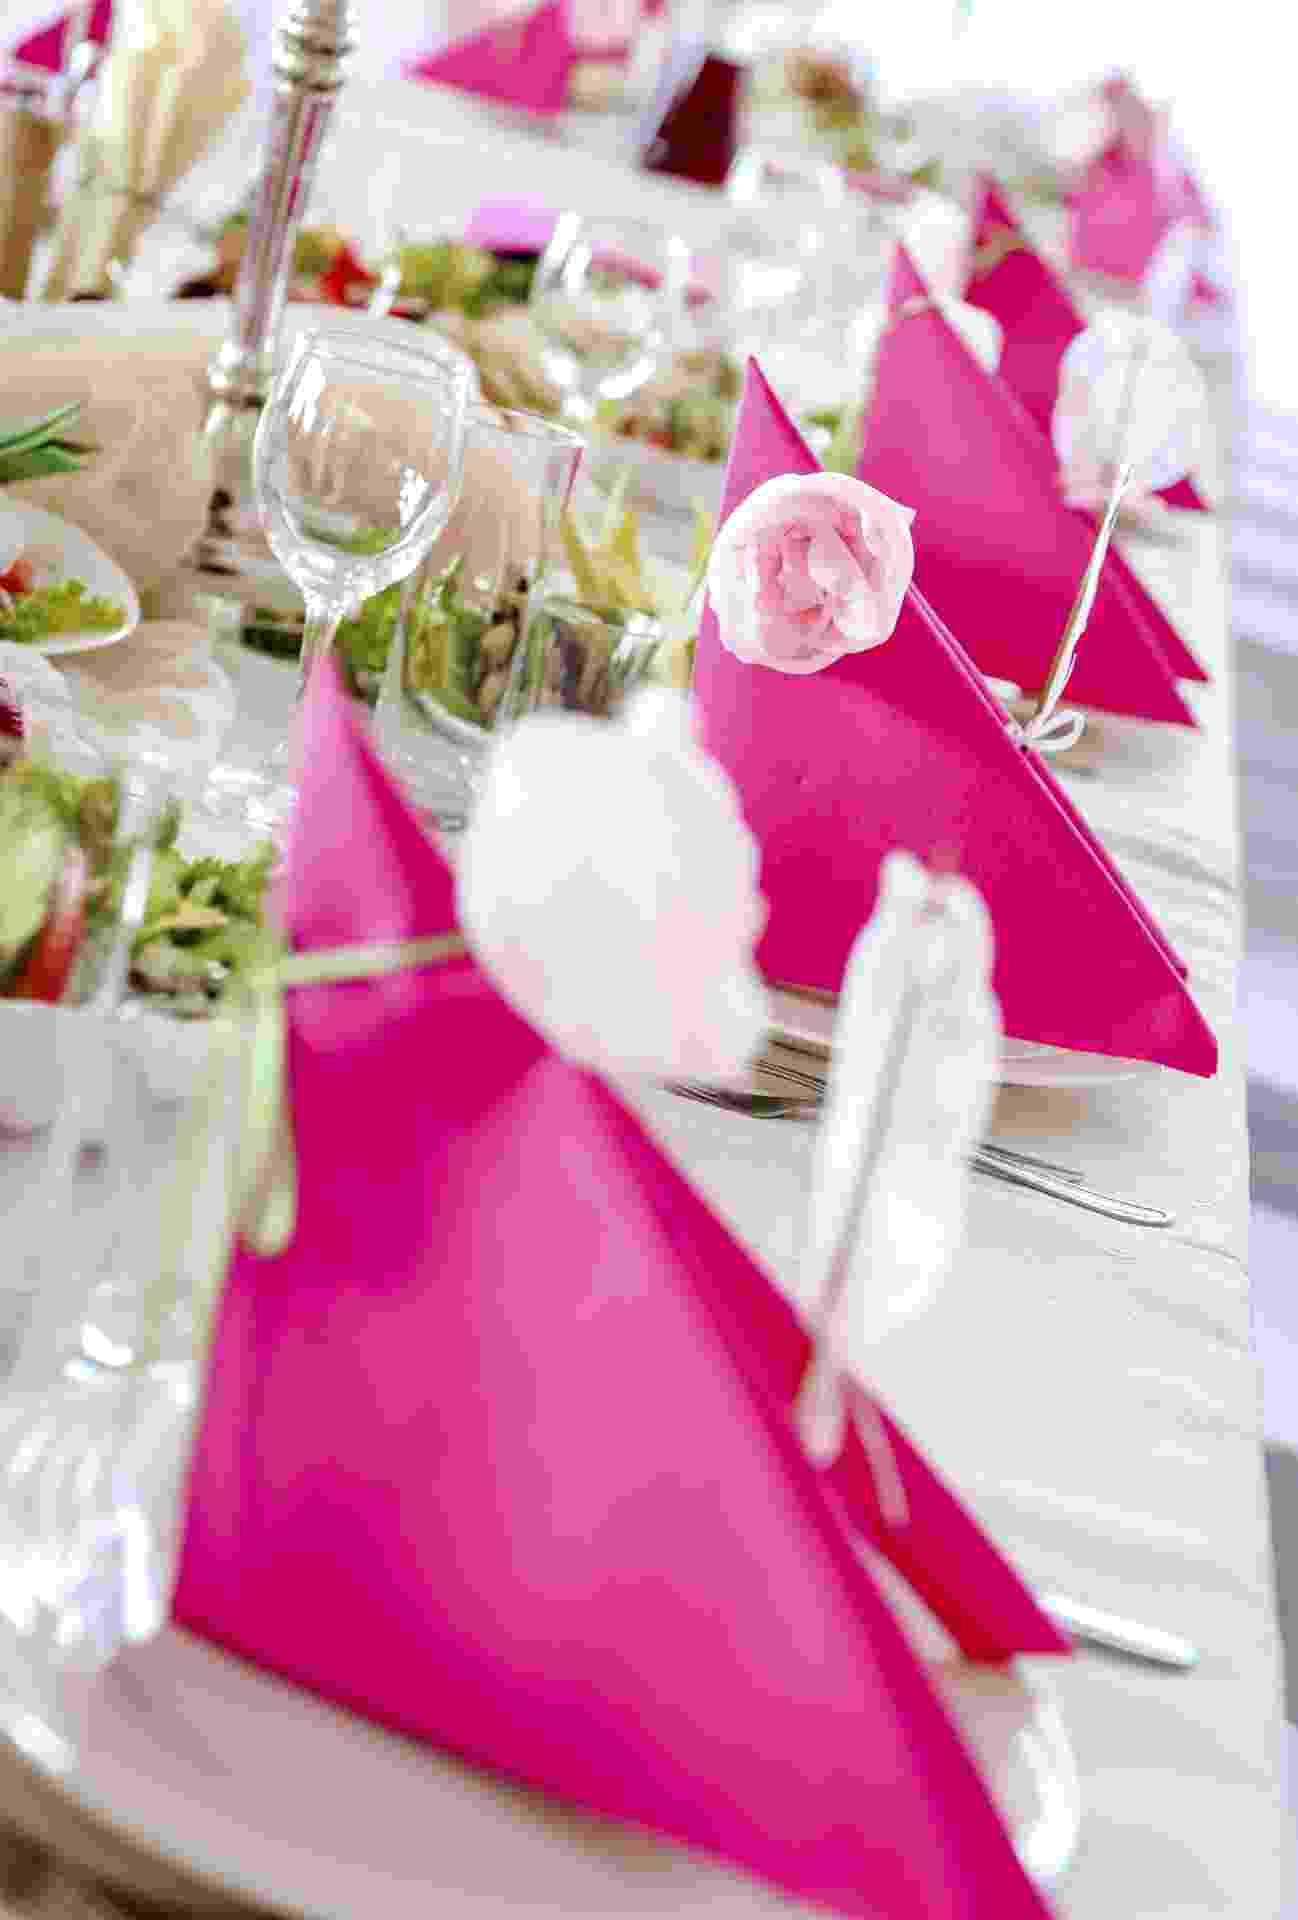 Invista na variedade de tons do rosa, a cor mais pedida para a ocasião - Thinkstock